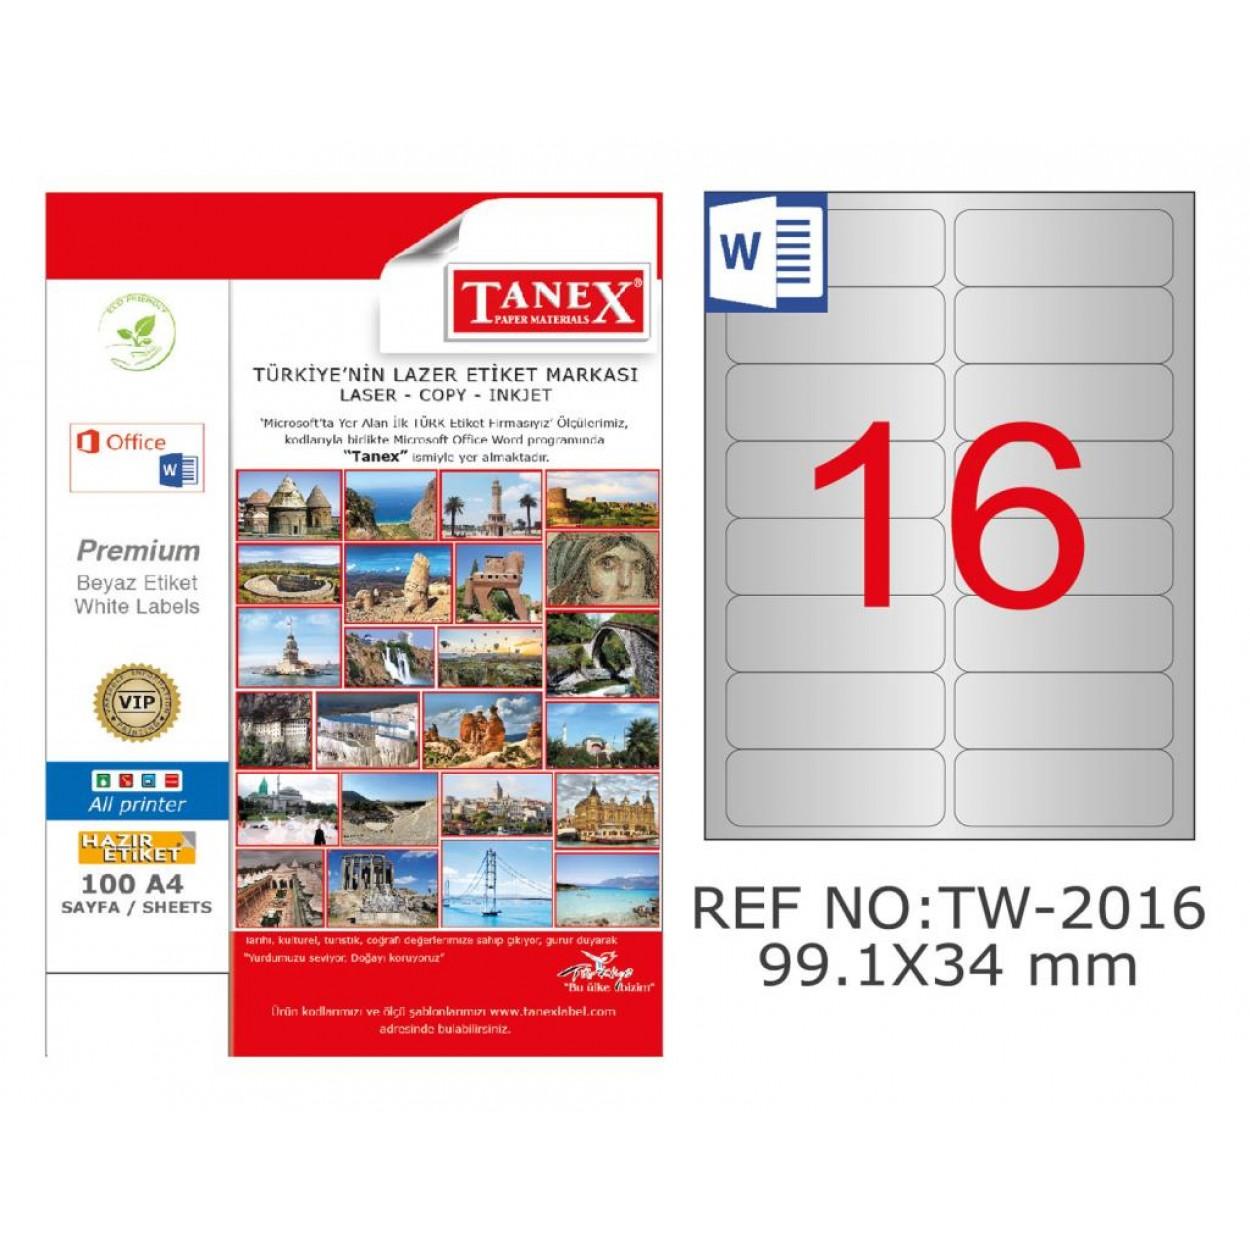 Tanex TW-2016 99.1x34mm Gümüş Lazer Etiket 400 Lü